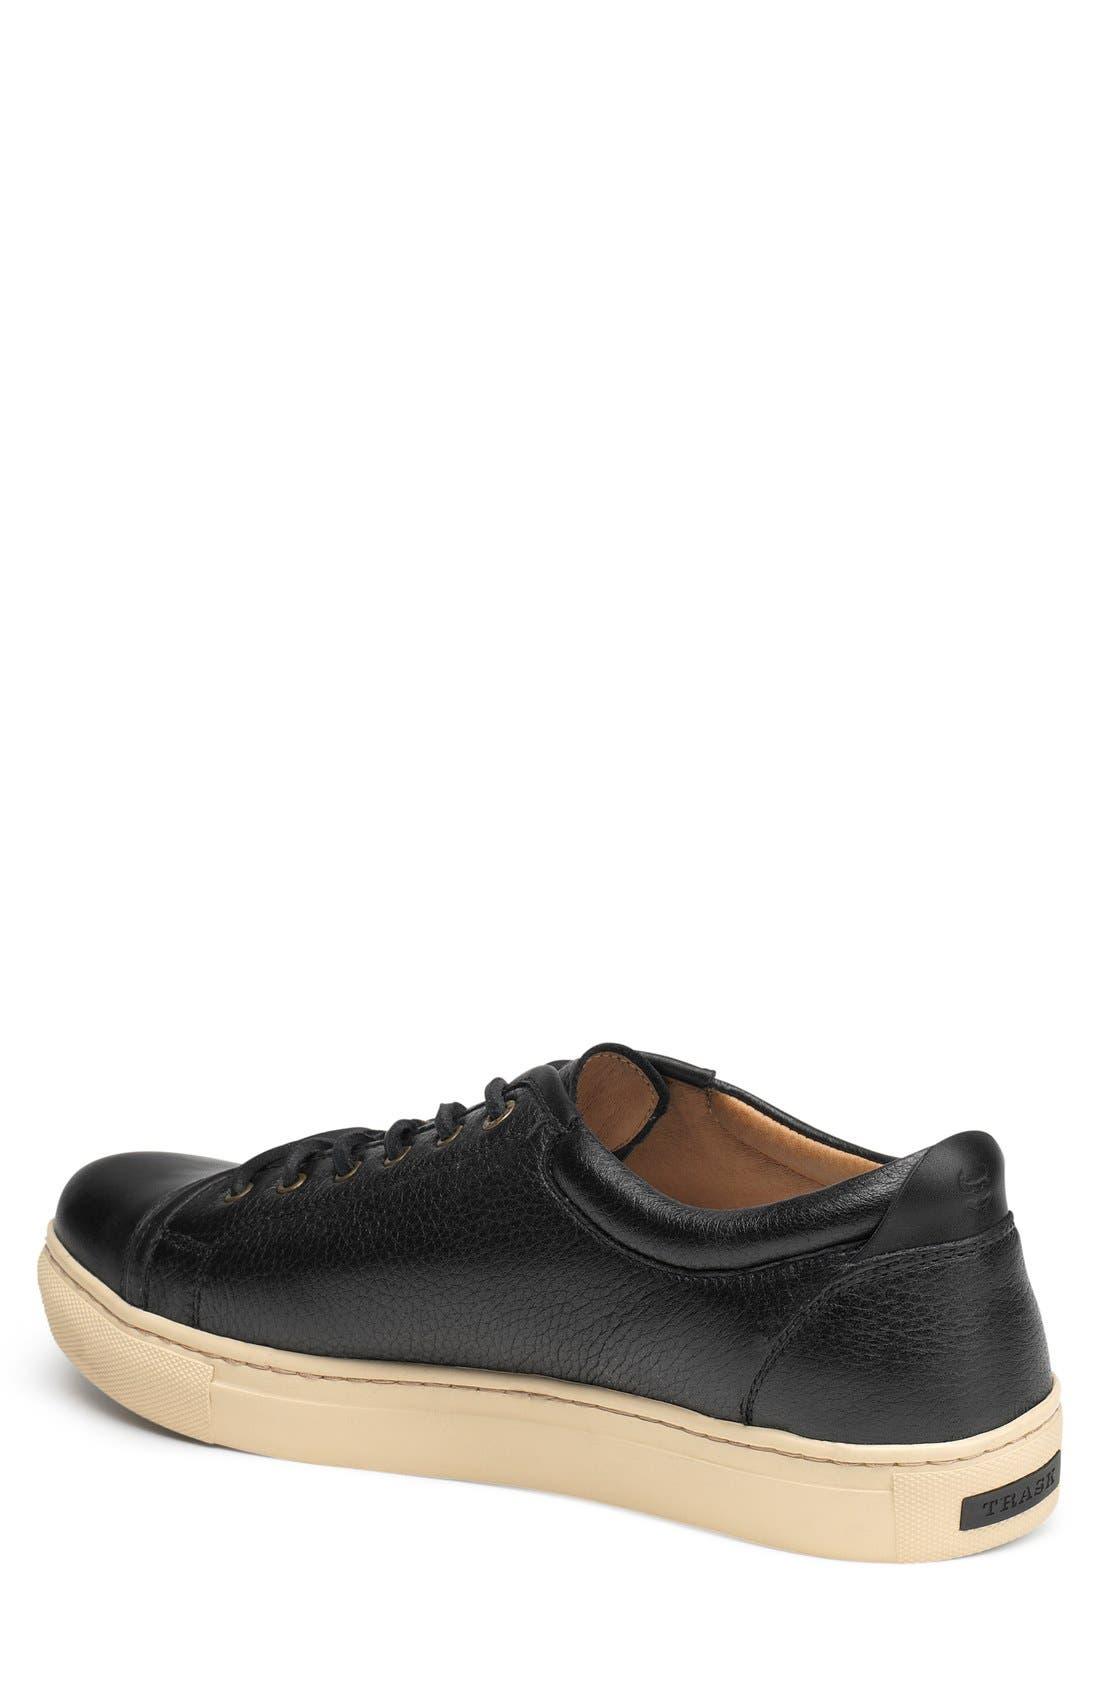 Alternate Image 2  - Trask 'Beck' Sneaker (Men)